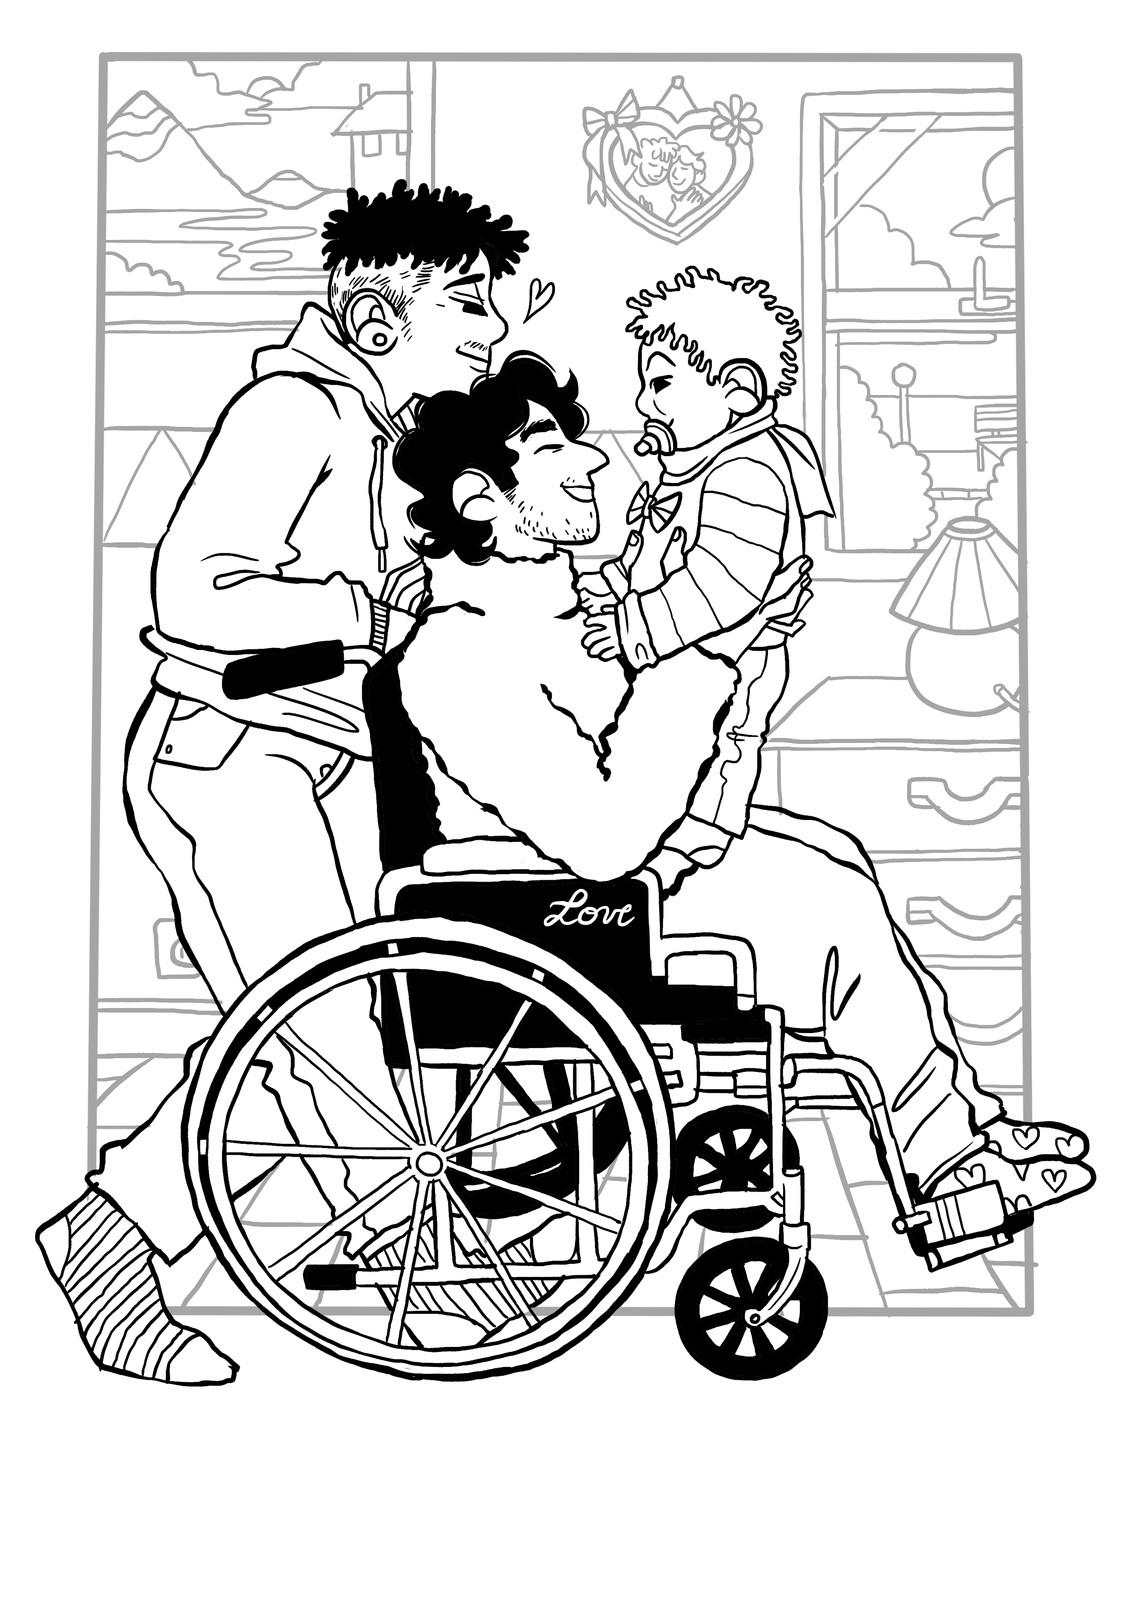 Satu's family